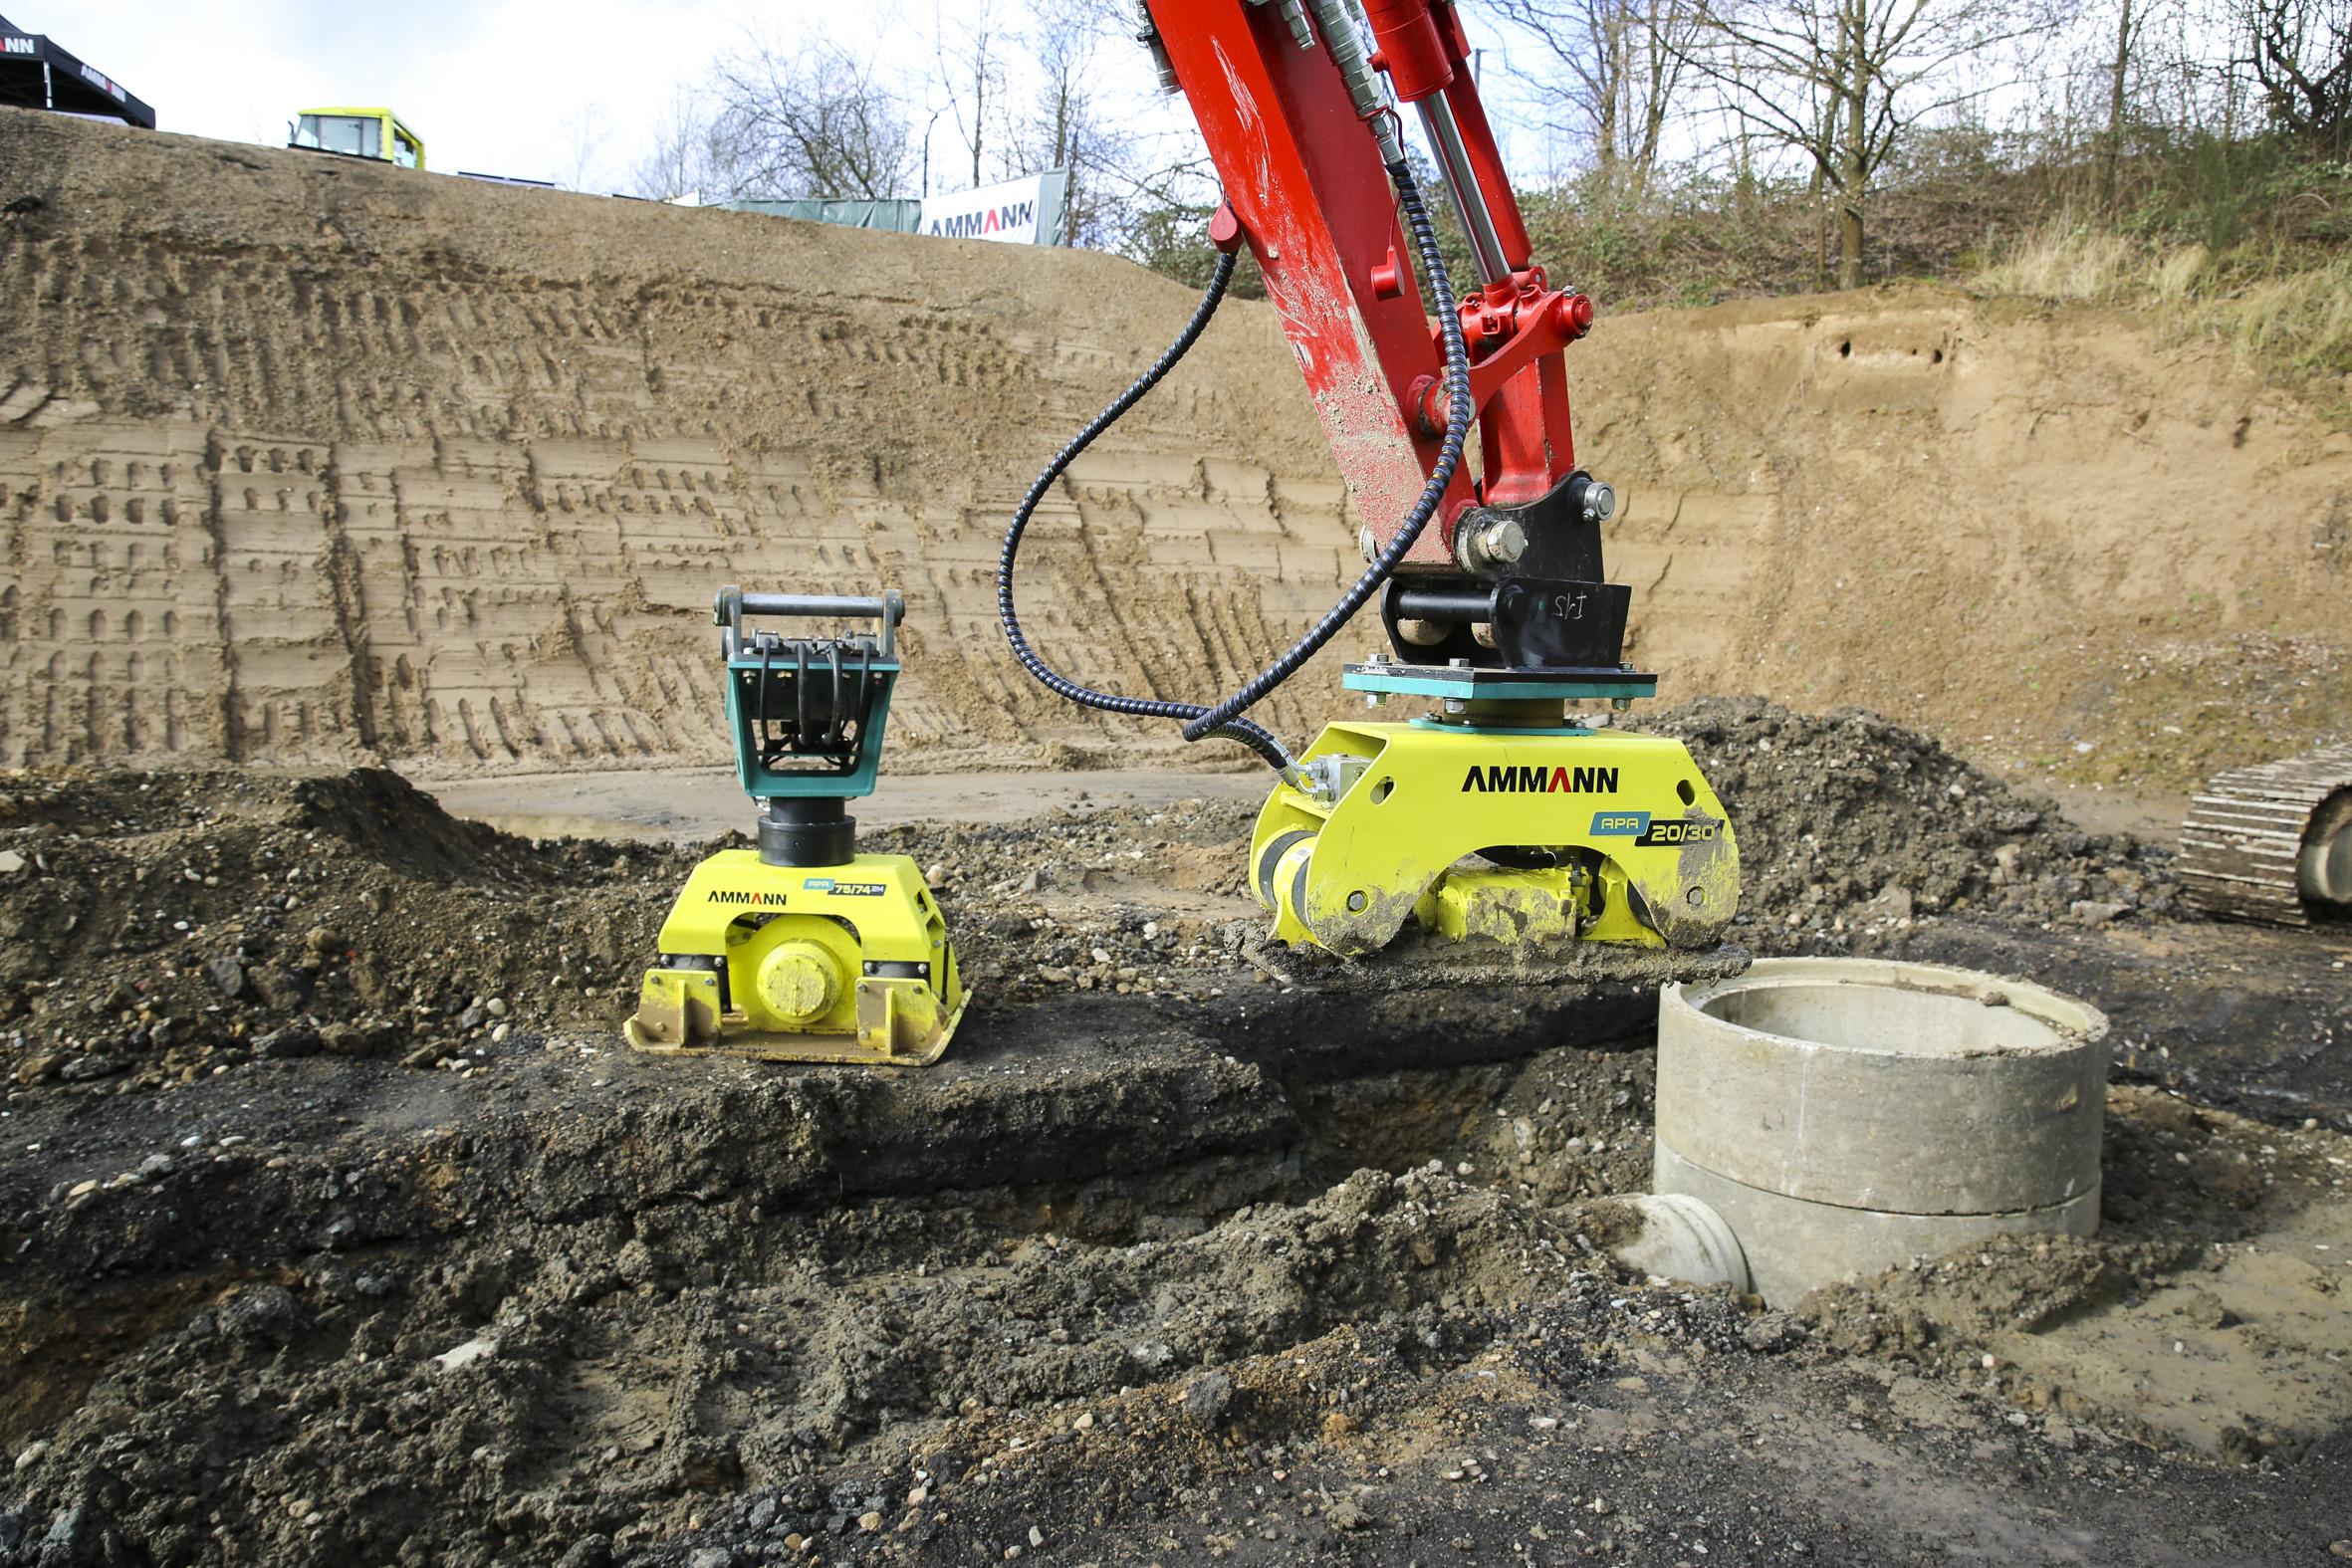 Die Anbauverdichter zur Montage am Bagger sind mit einem Ammann-patentierten Vibrationsbegrenzungssystem ausgestattet und verdichten an unzugänglichen Stellen.